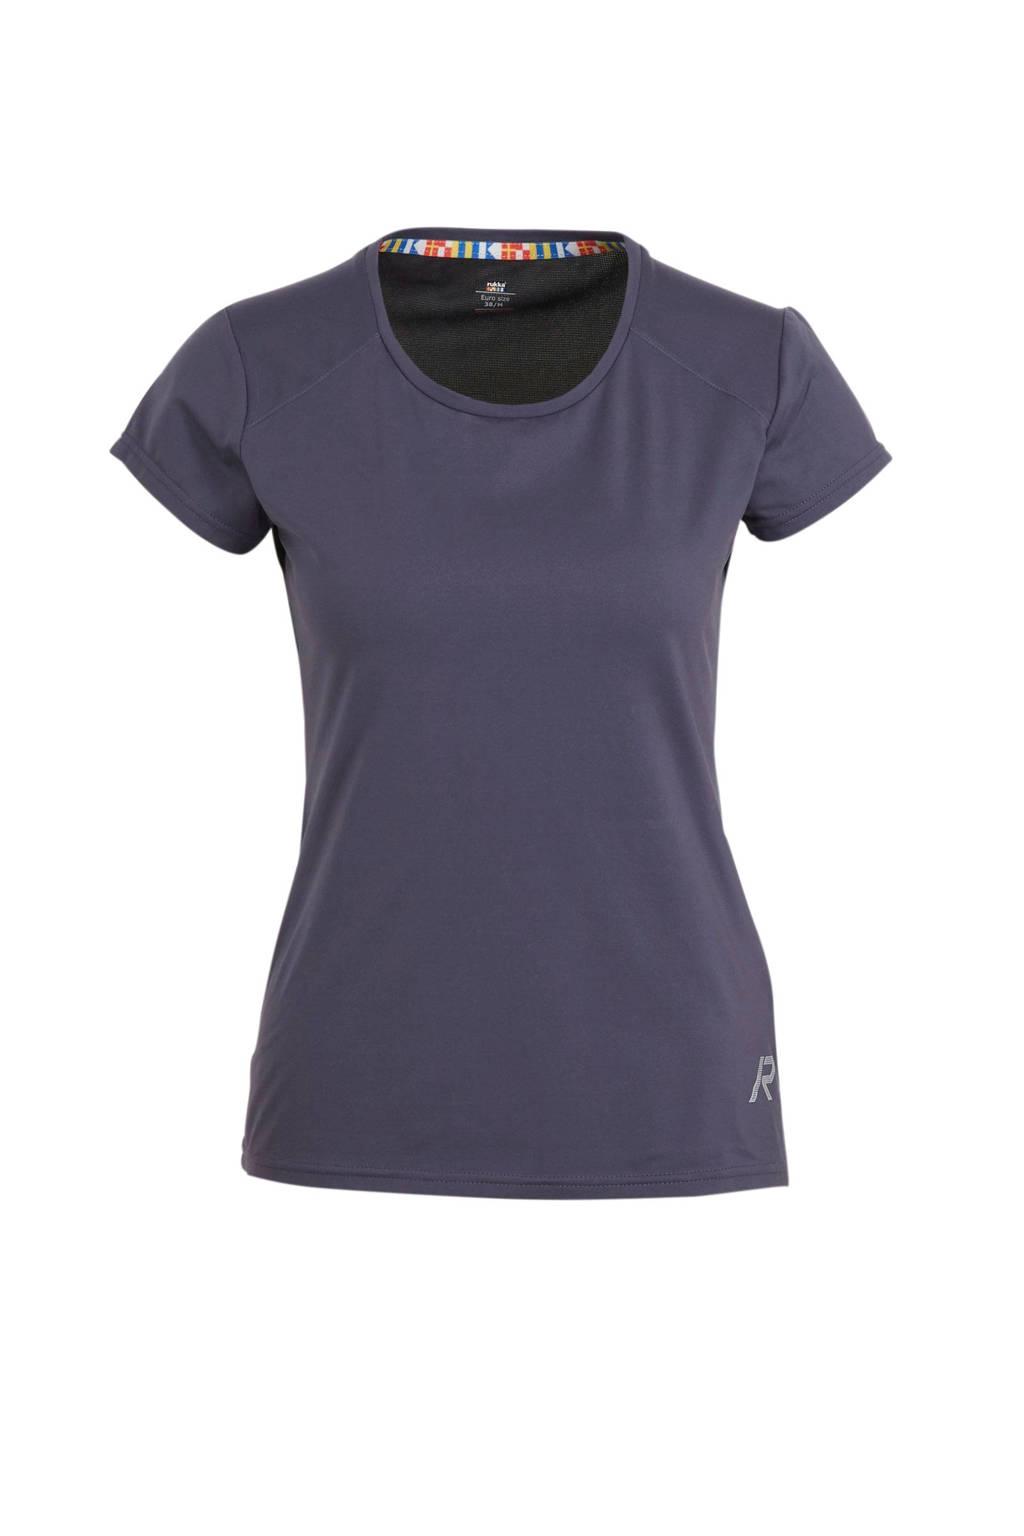 Rukka sport T-shirt Mustiala paars/zwart, Paars/zwart